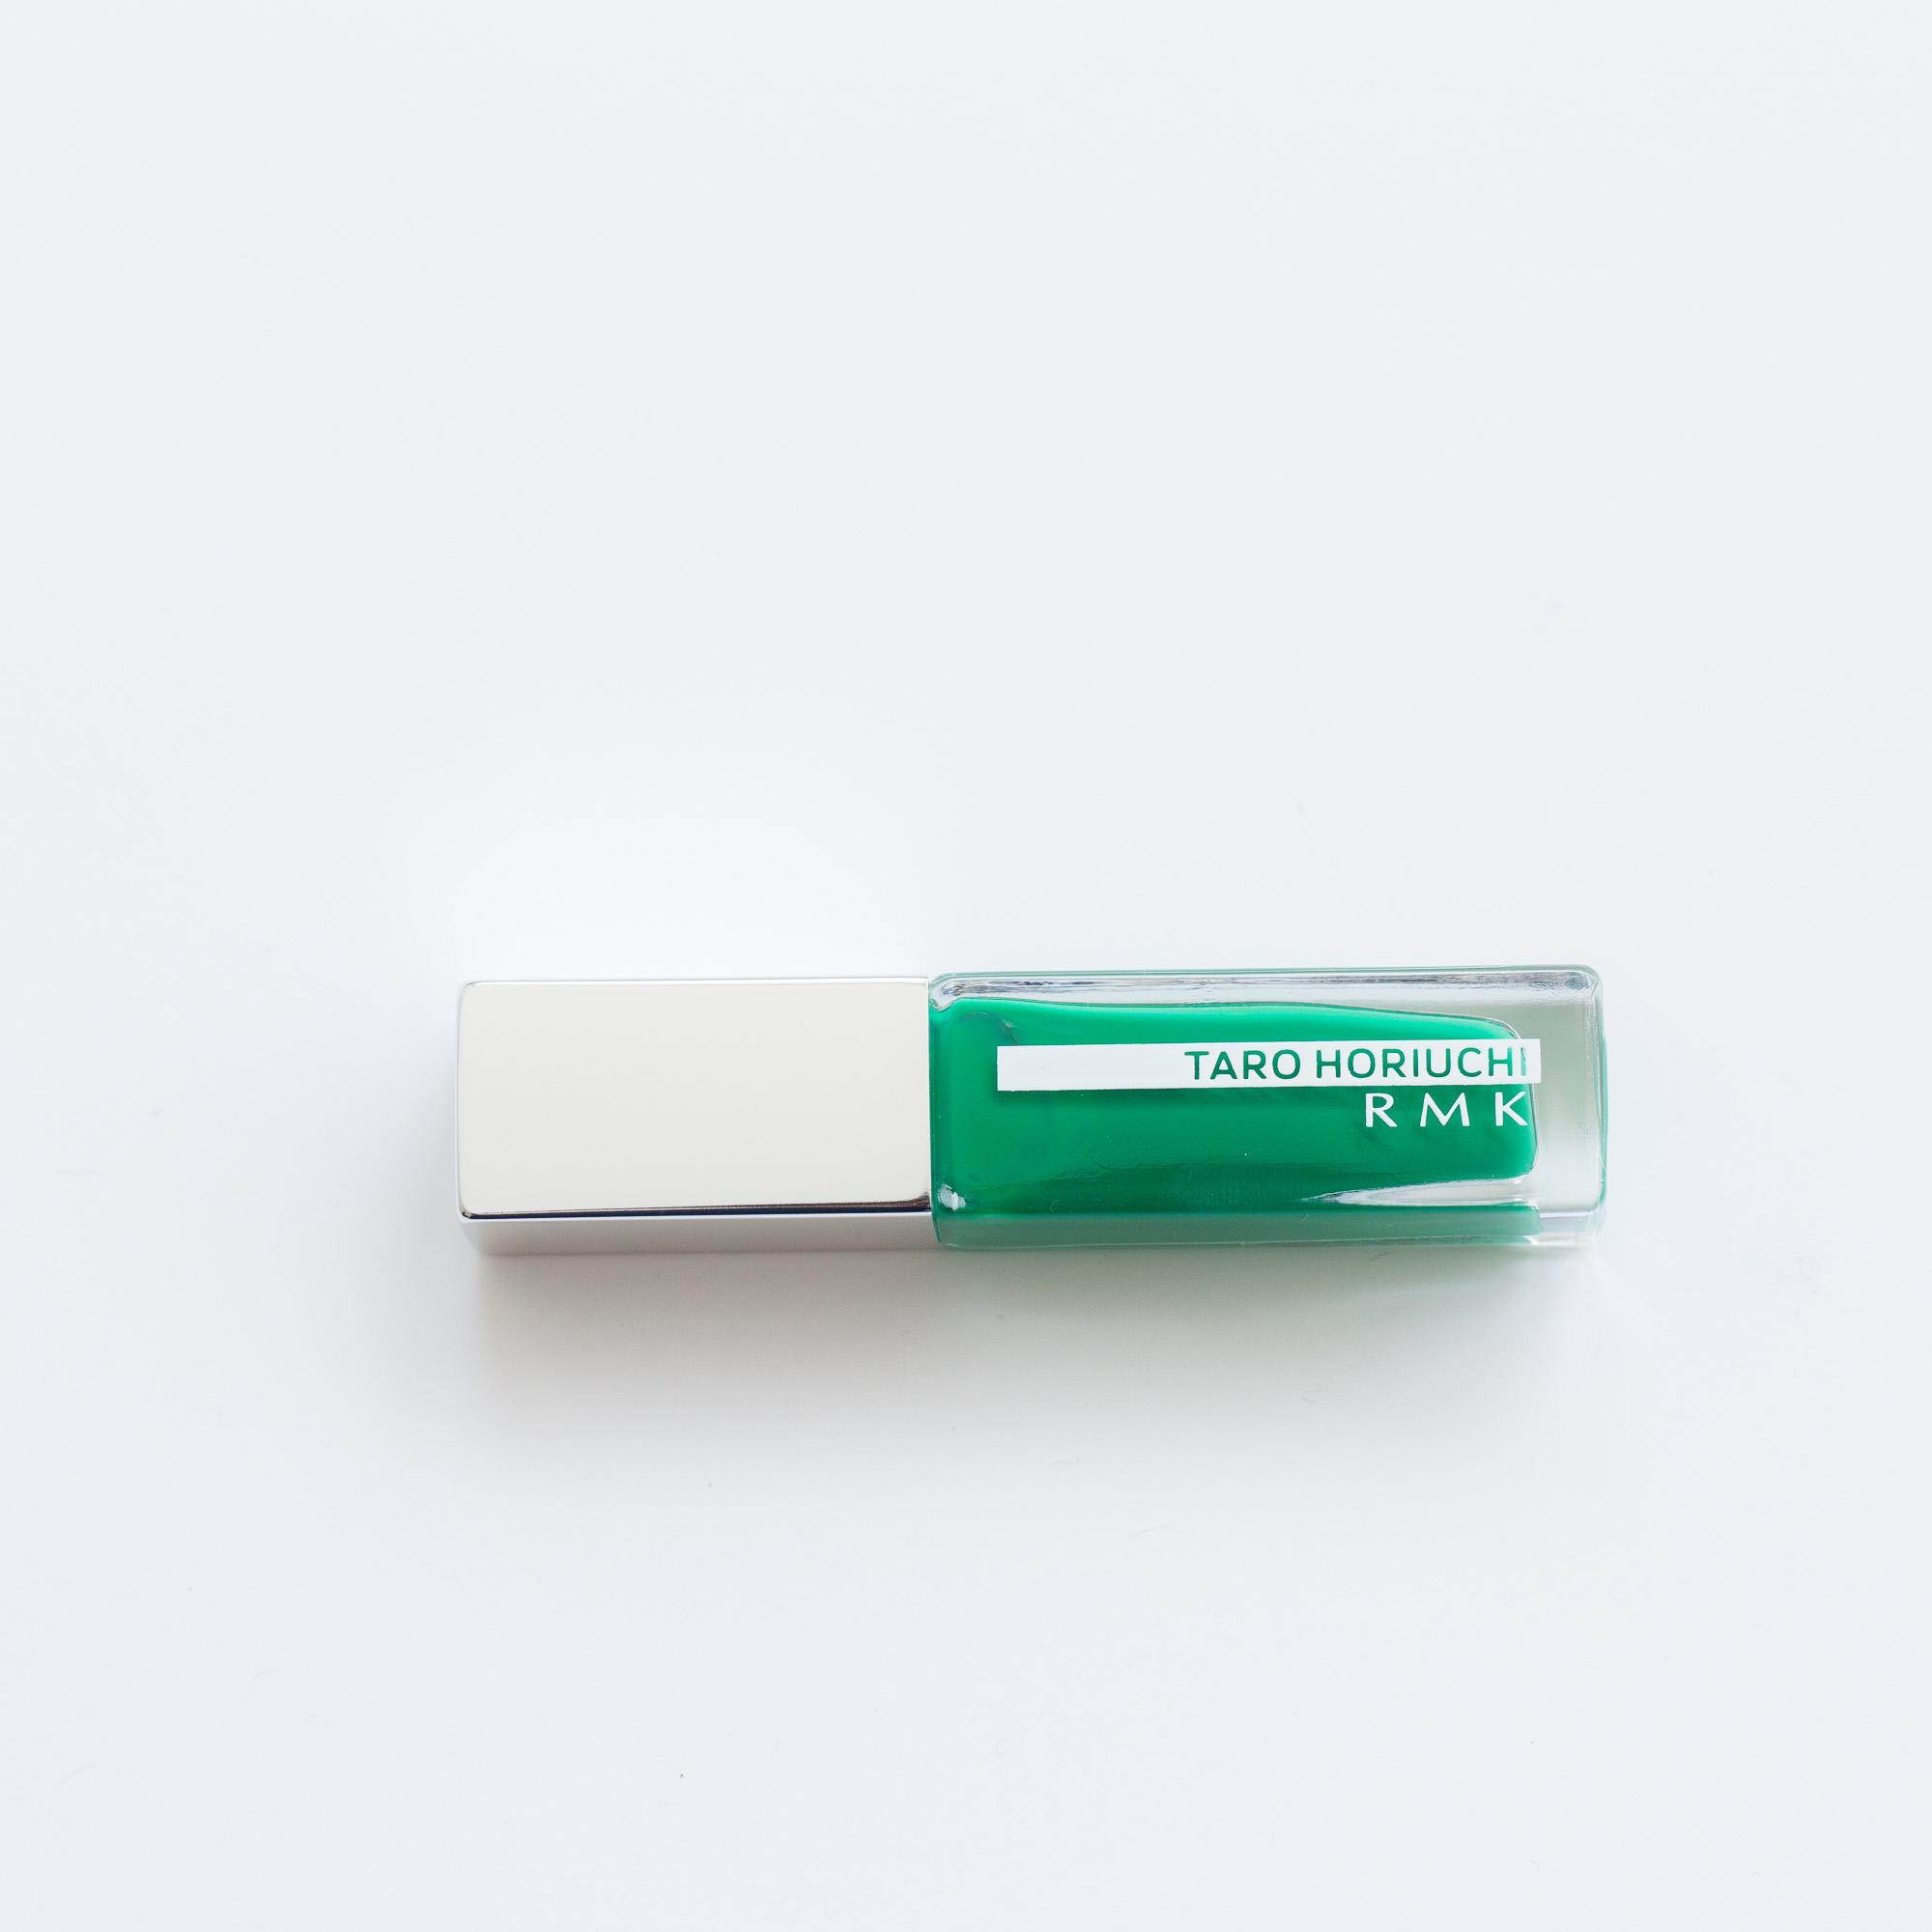 RMK ネイルポリッシュ(限定パッケージ)TH-05